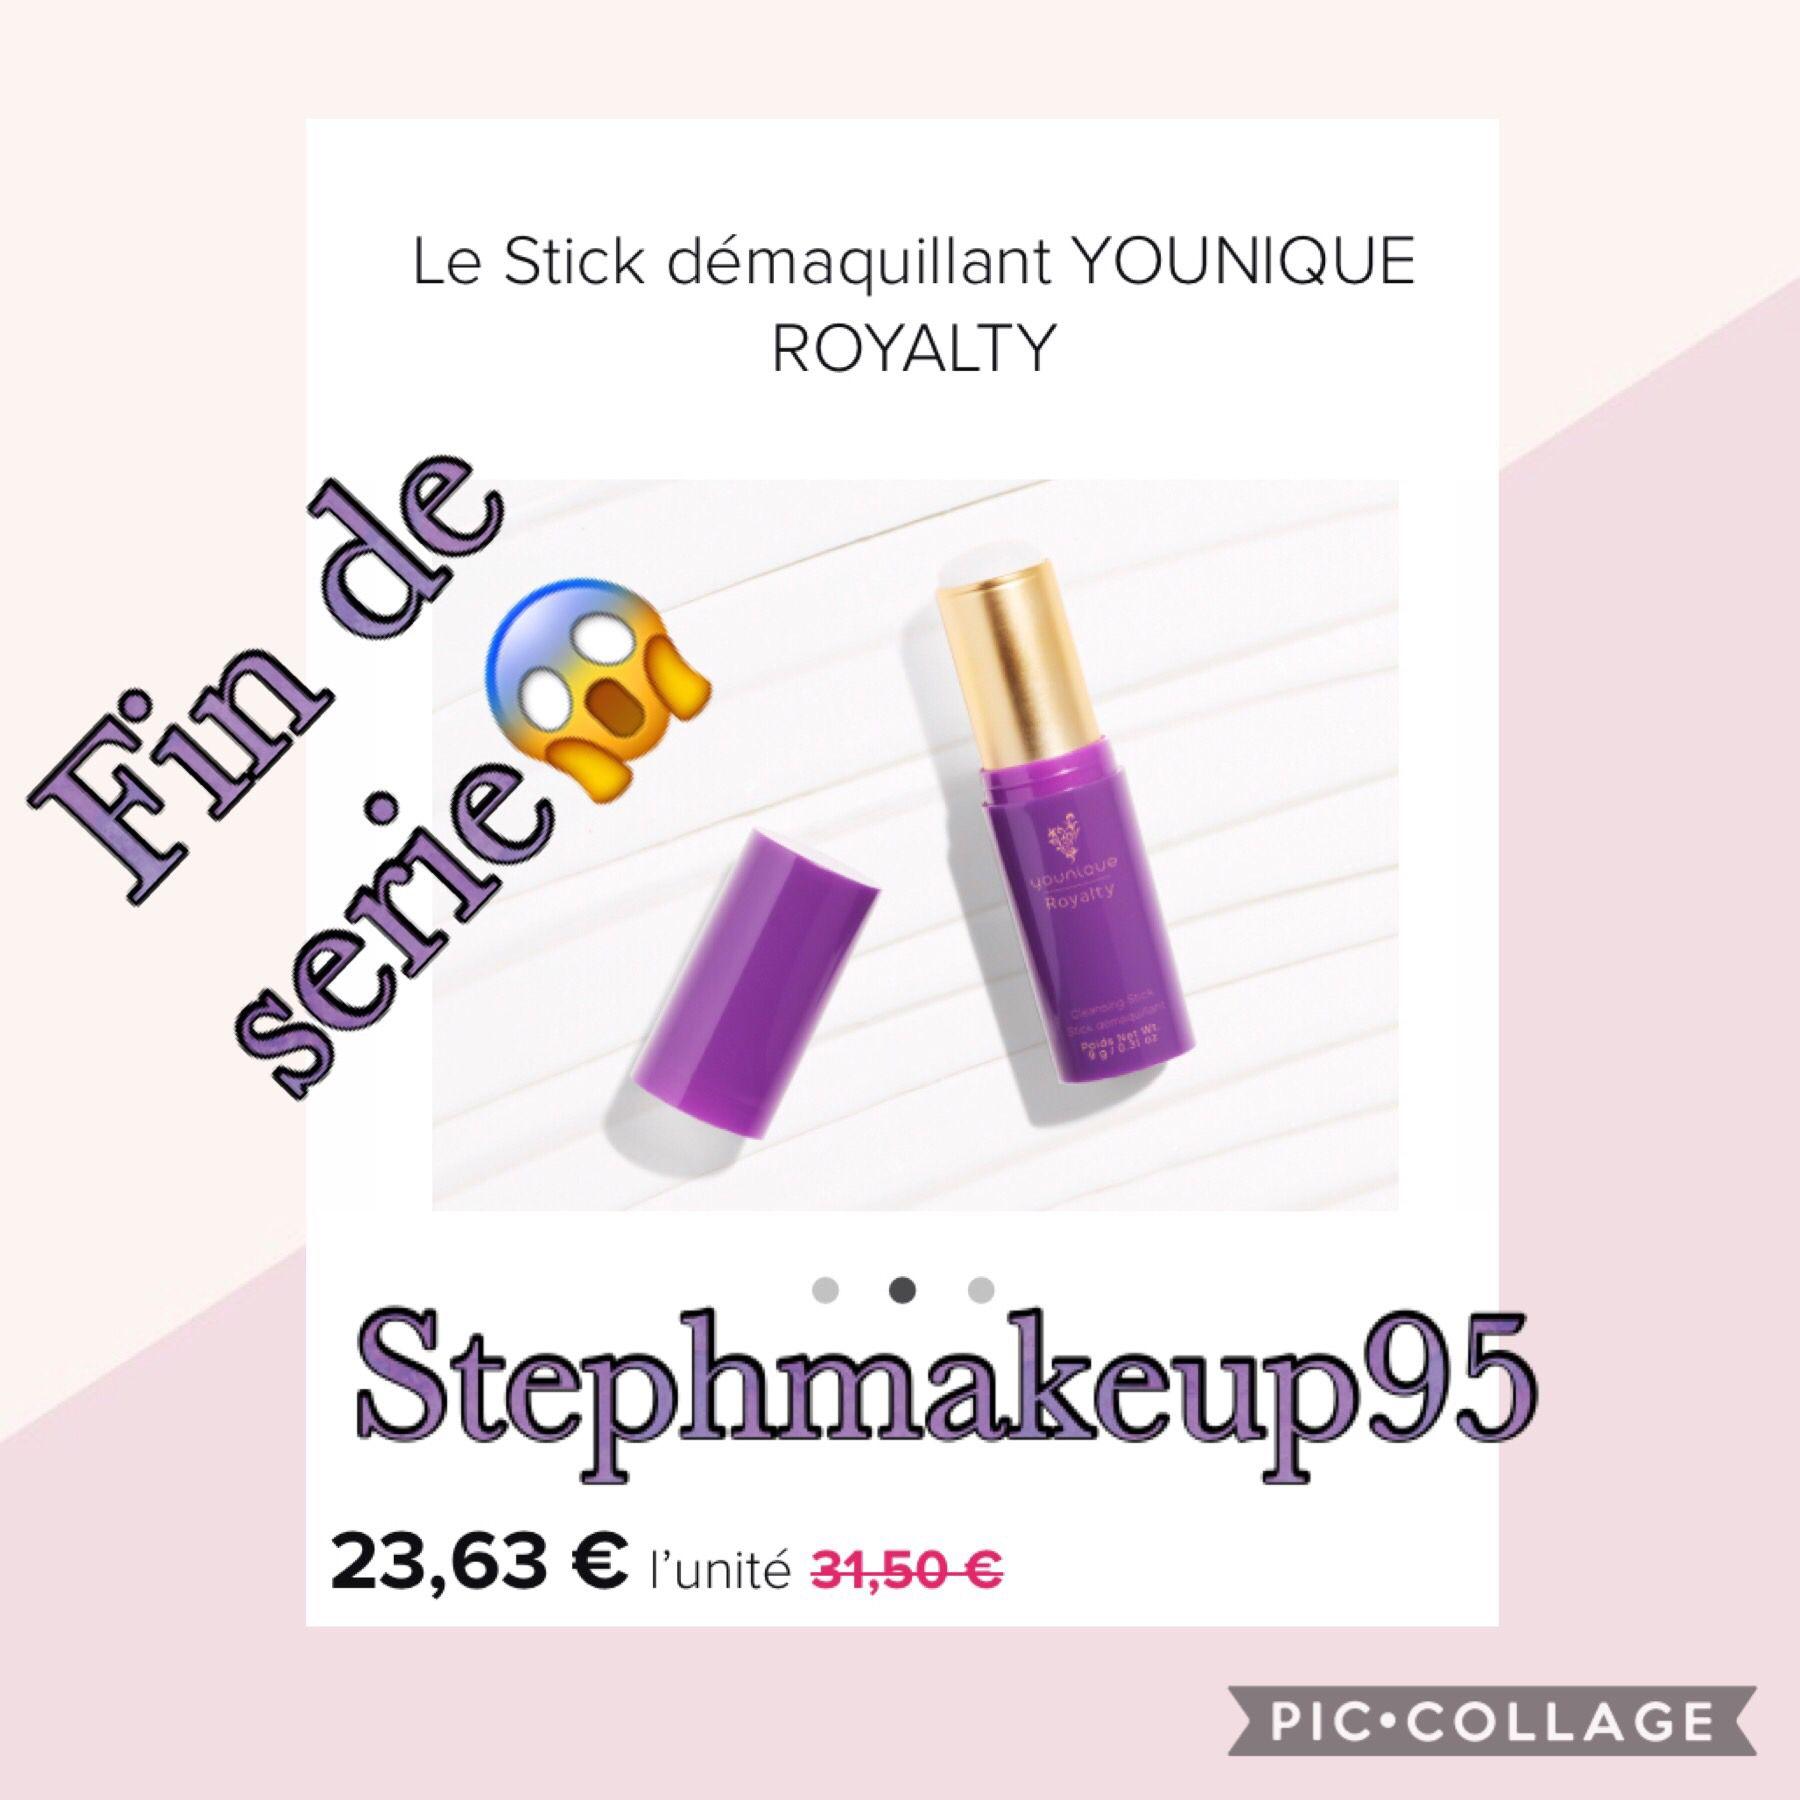 Démaquillant younique Younique makeup, Oil based makeup